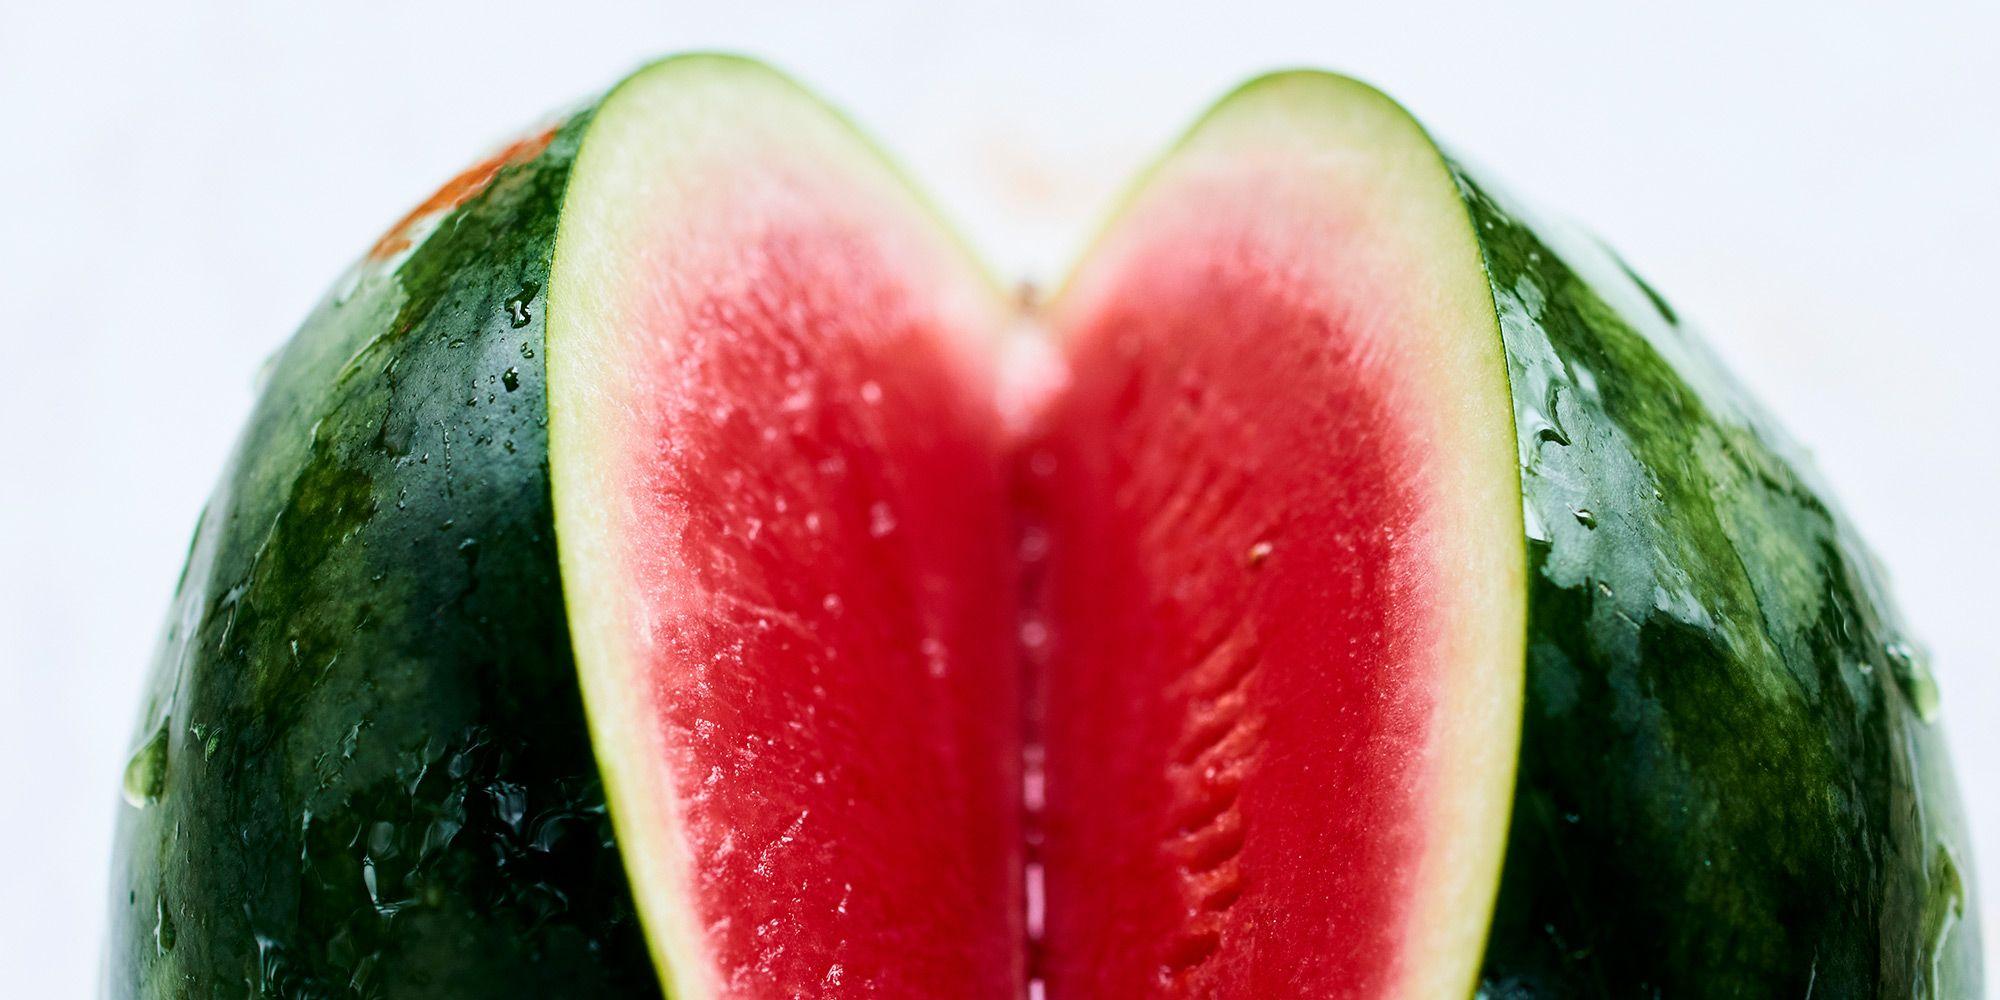 Vagina Melon Watermelon Labia